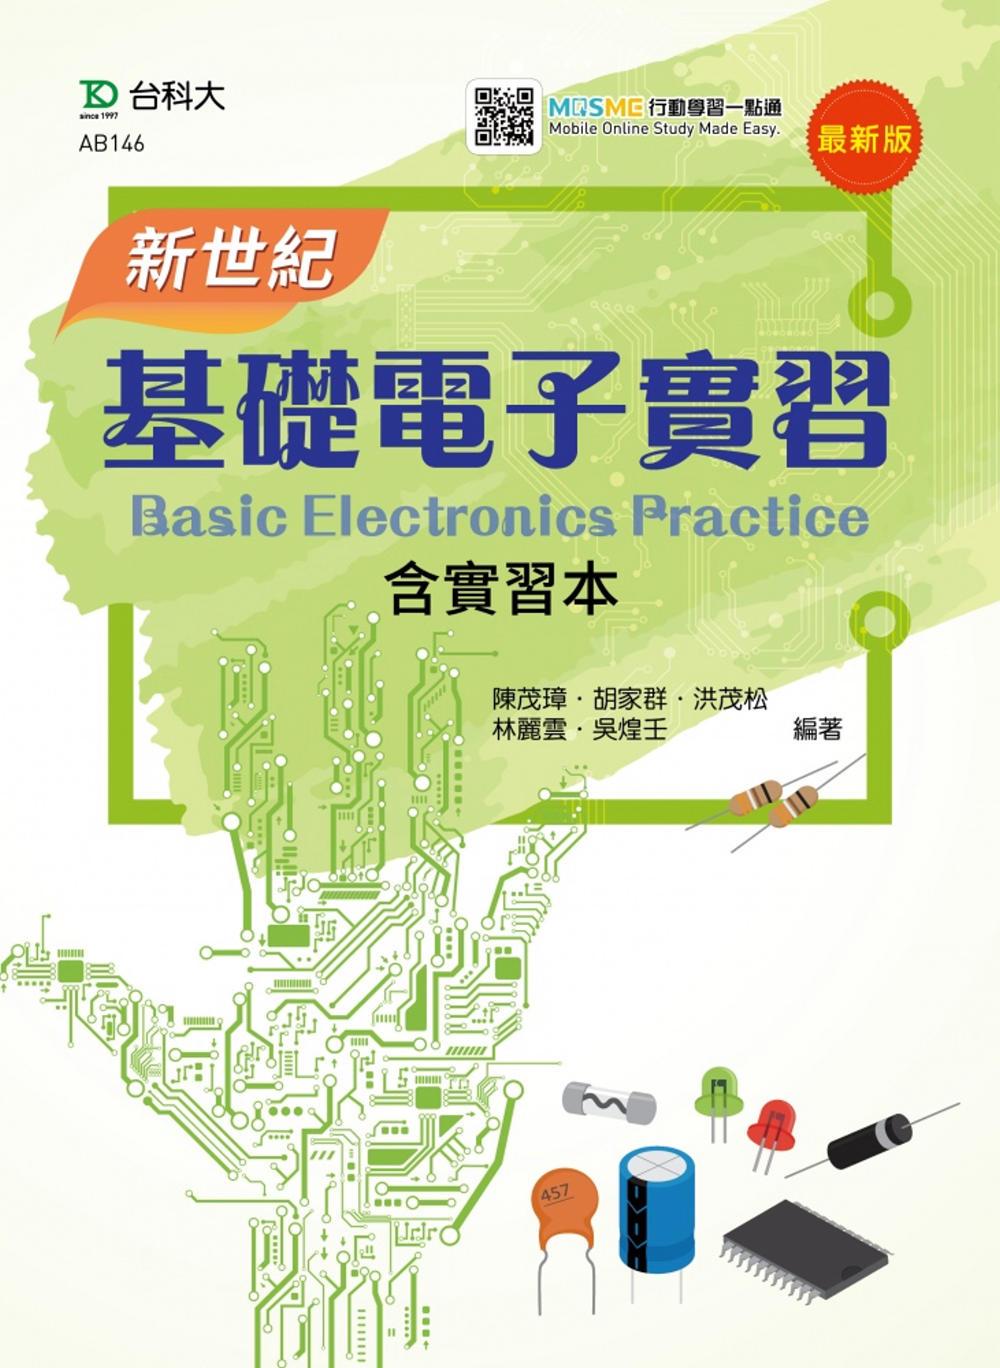 新世紀基礎電子實習含實習本